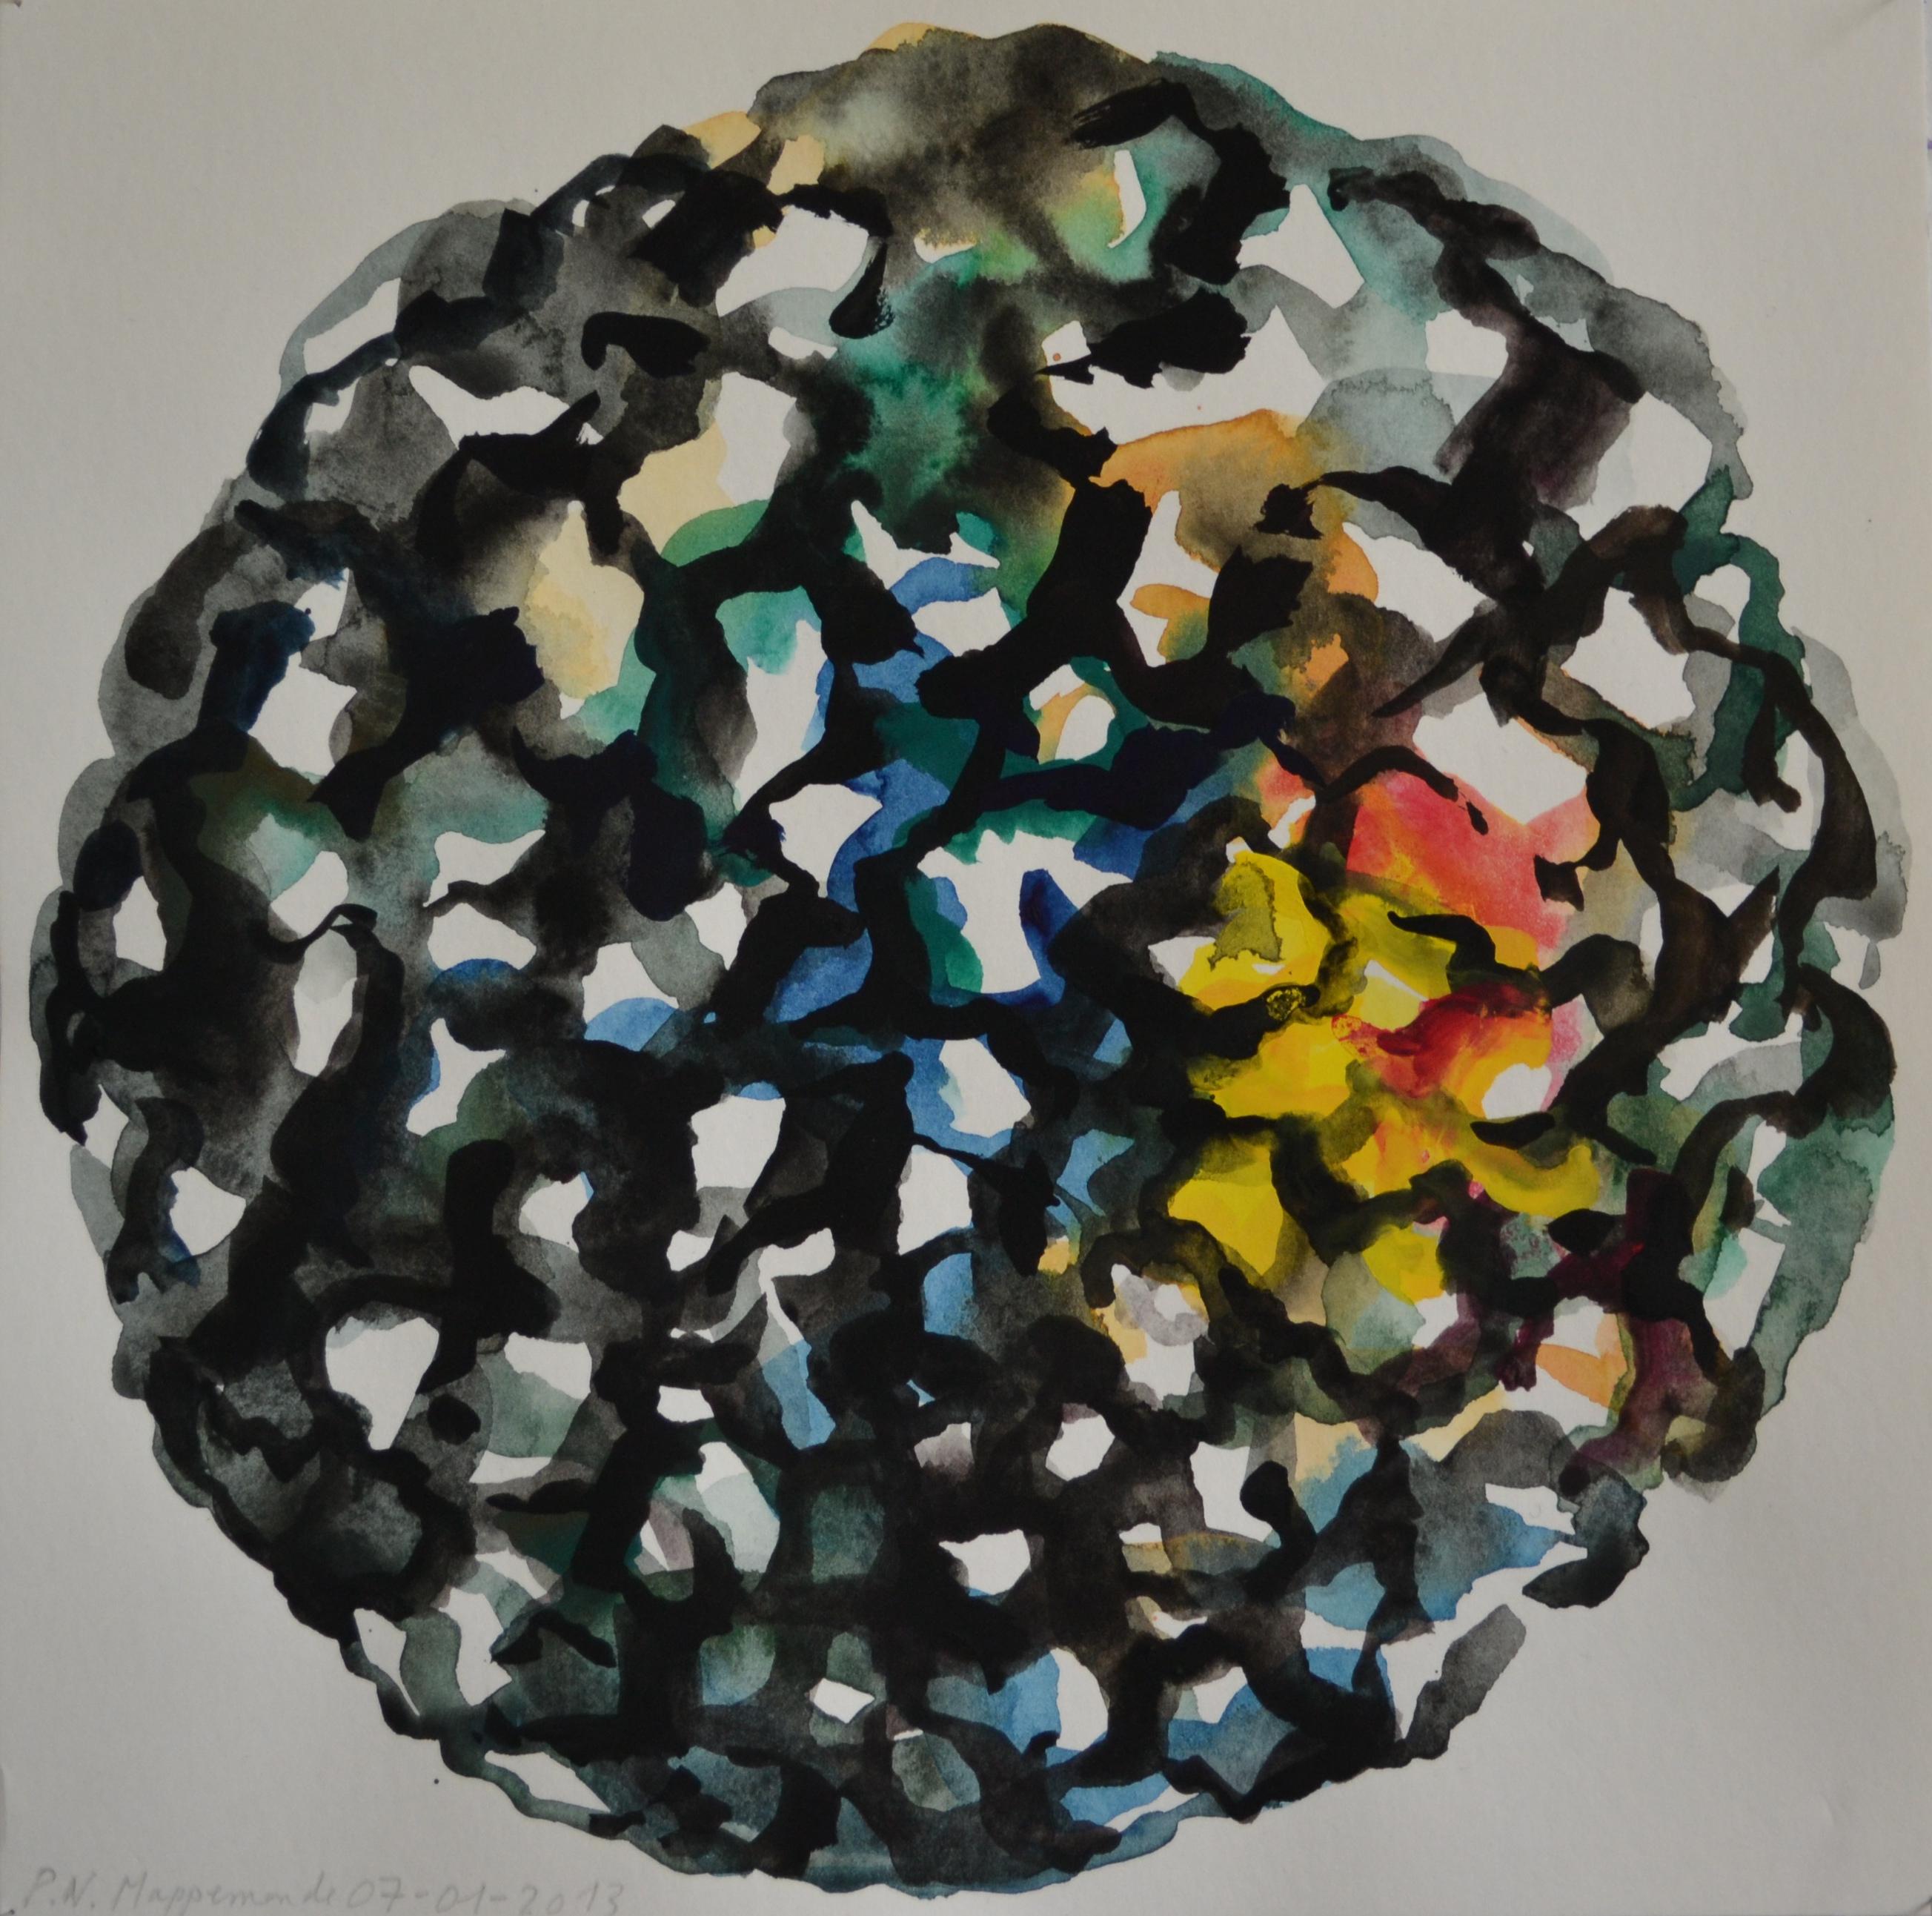 Mappemonde Peinture, gouache sur papier, 25 x 25 cm